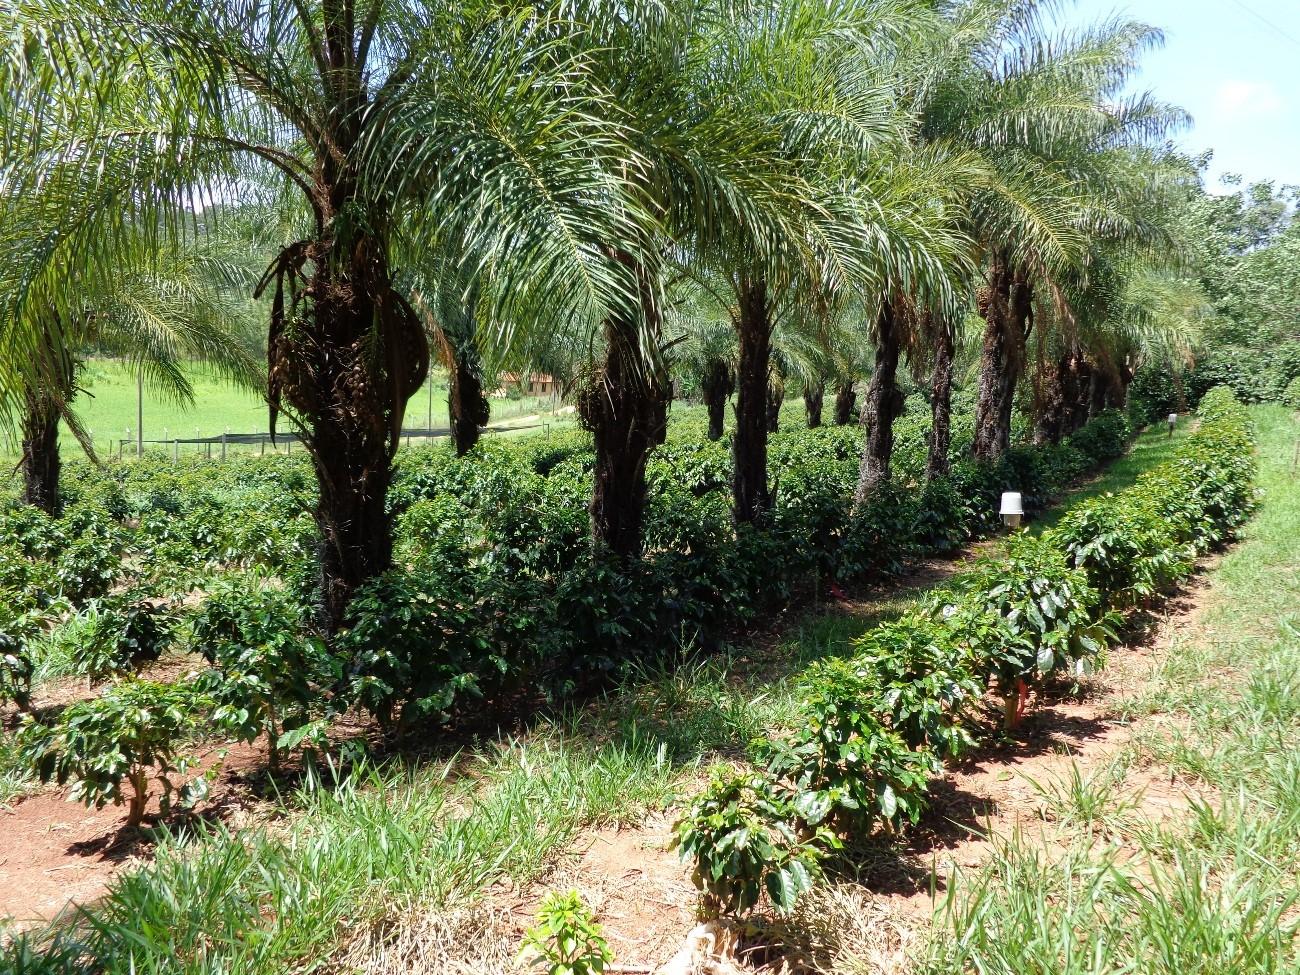 Sistemas agroflorestais: conheça 10 benefícios desse sistema